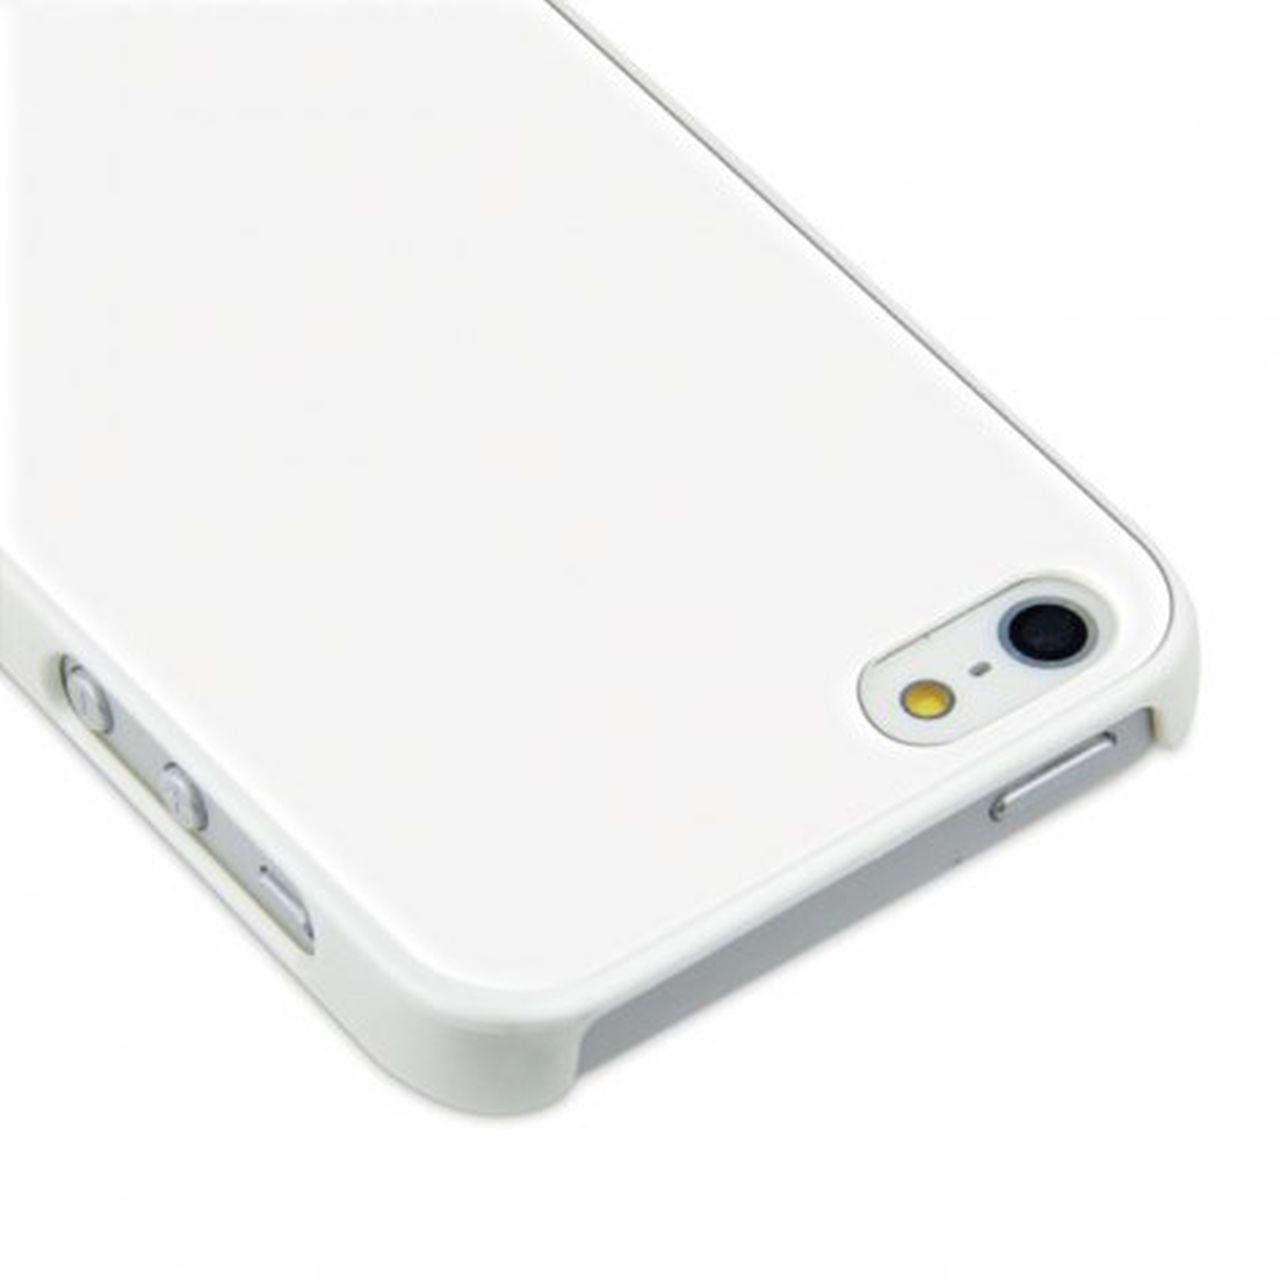 Sublicover bianca iphone-5